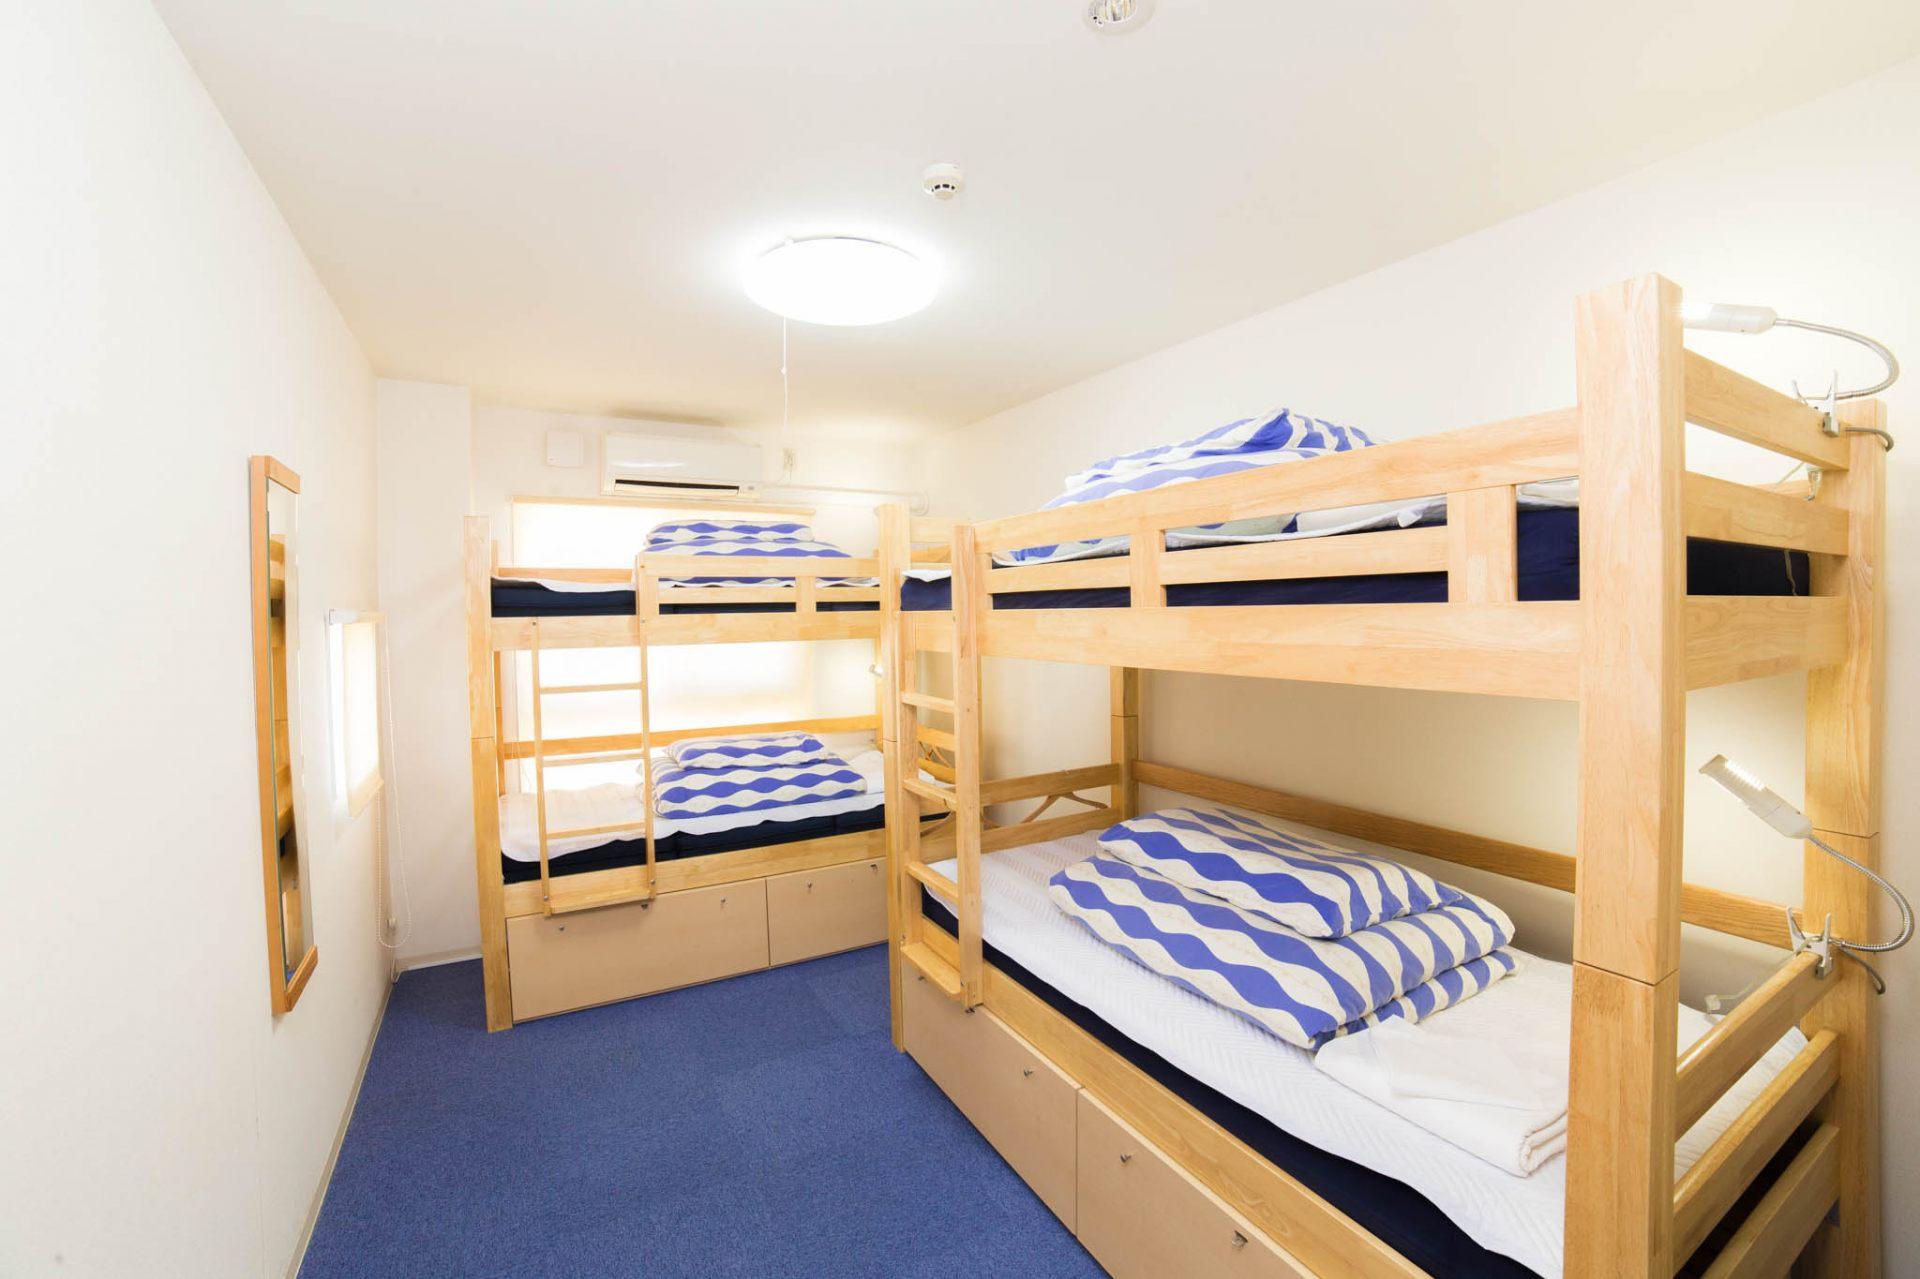 4-Person Dormitory